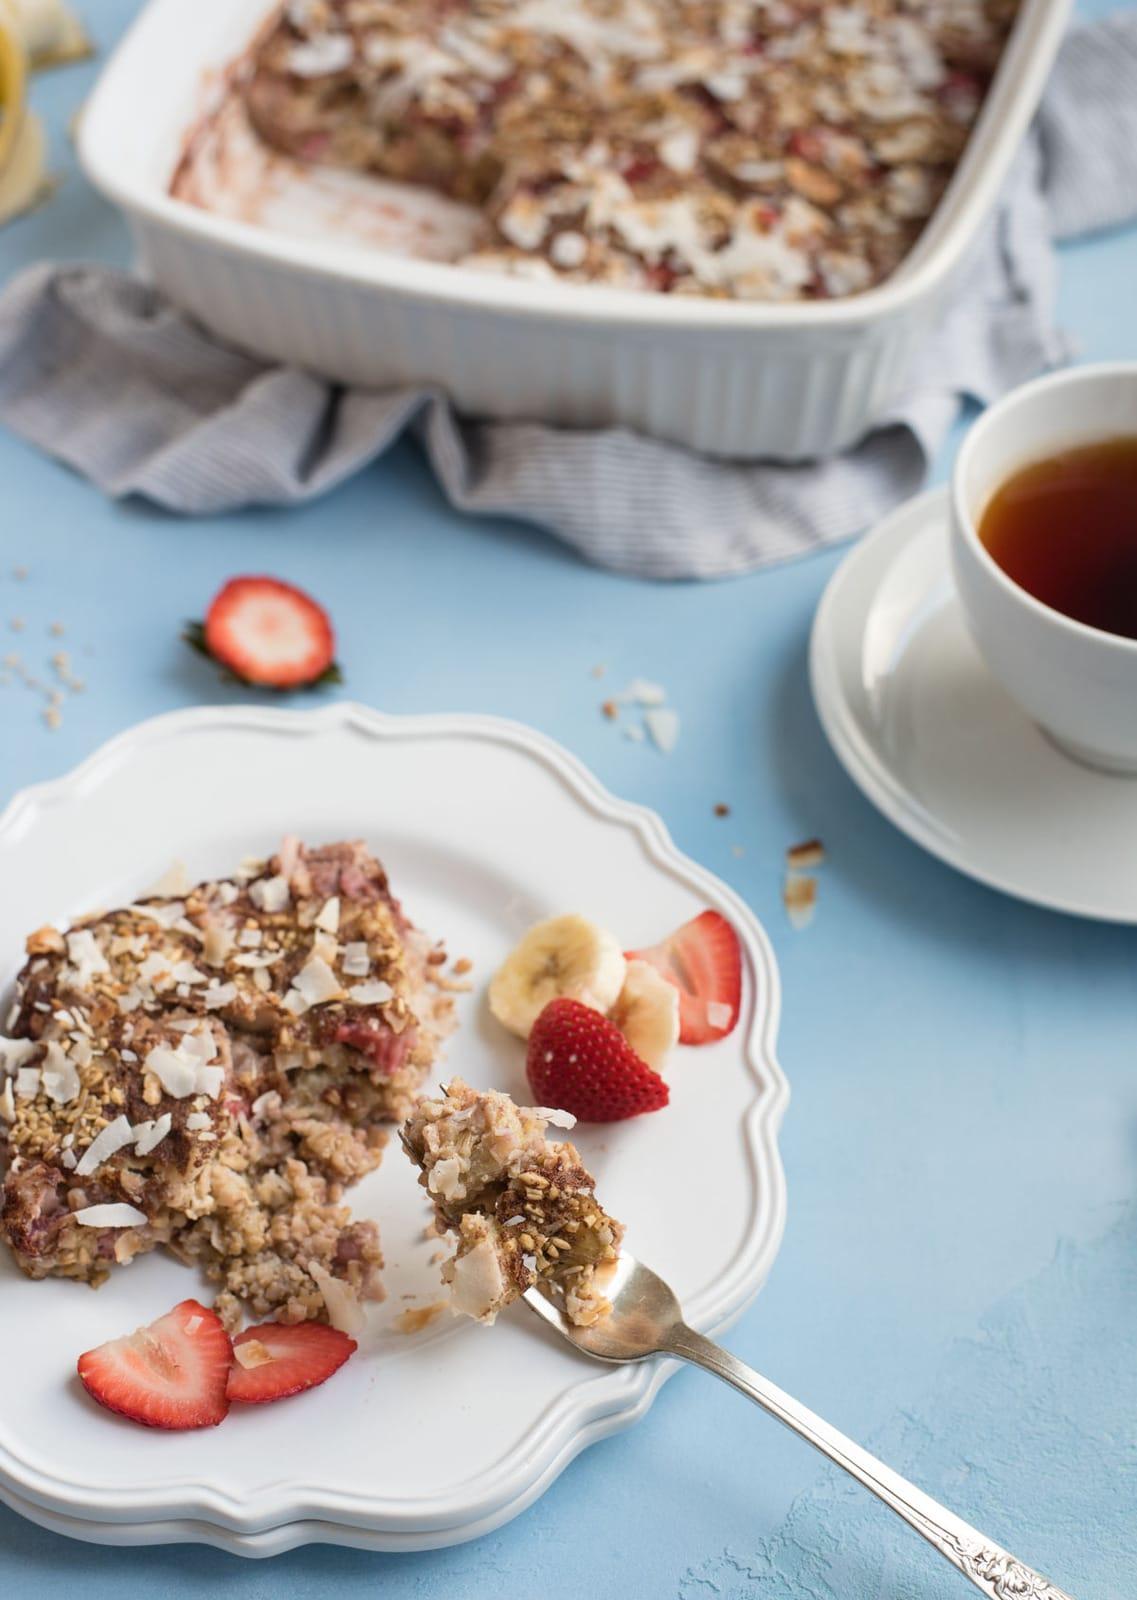 Strawberry banana steel cut oat bake breakfast plate with bite